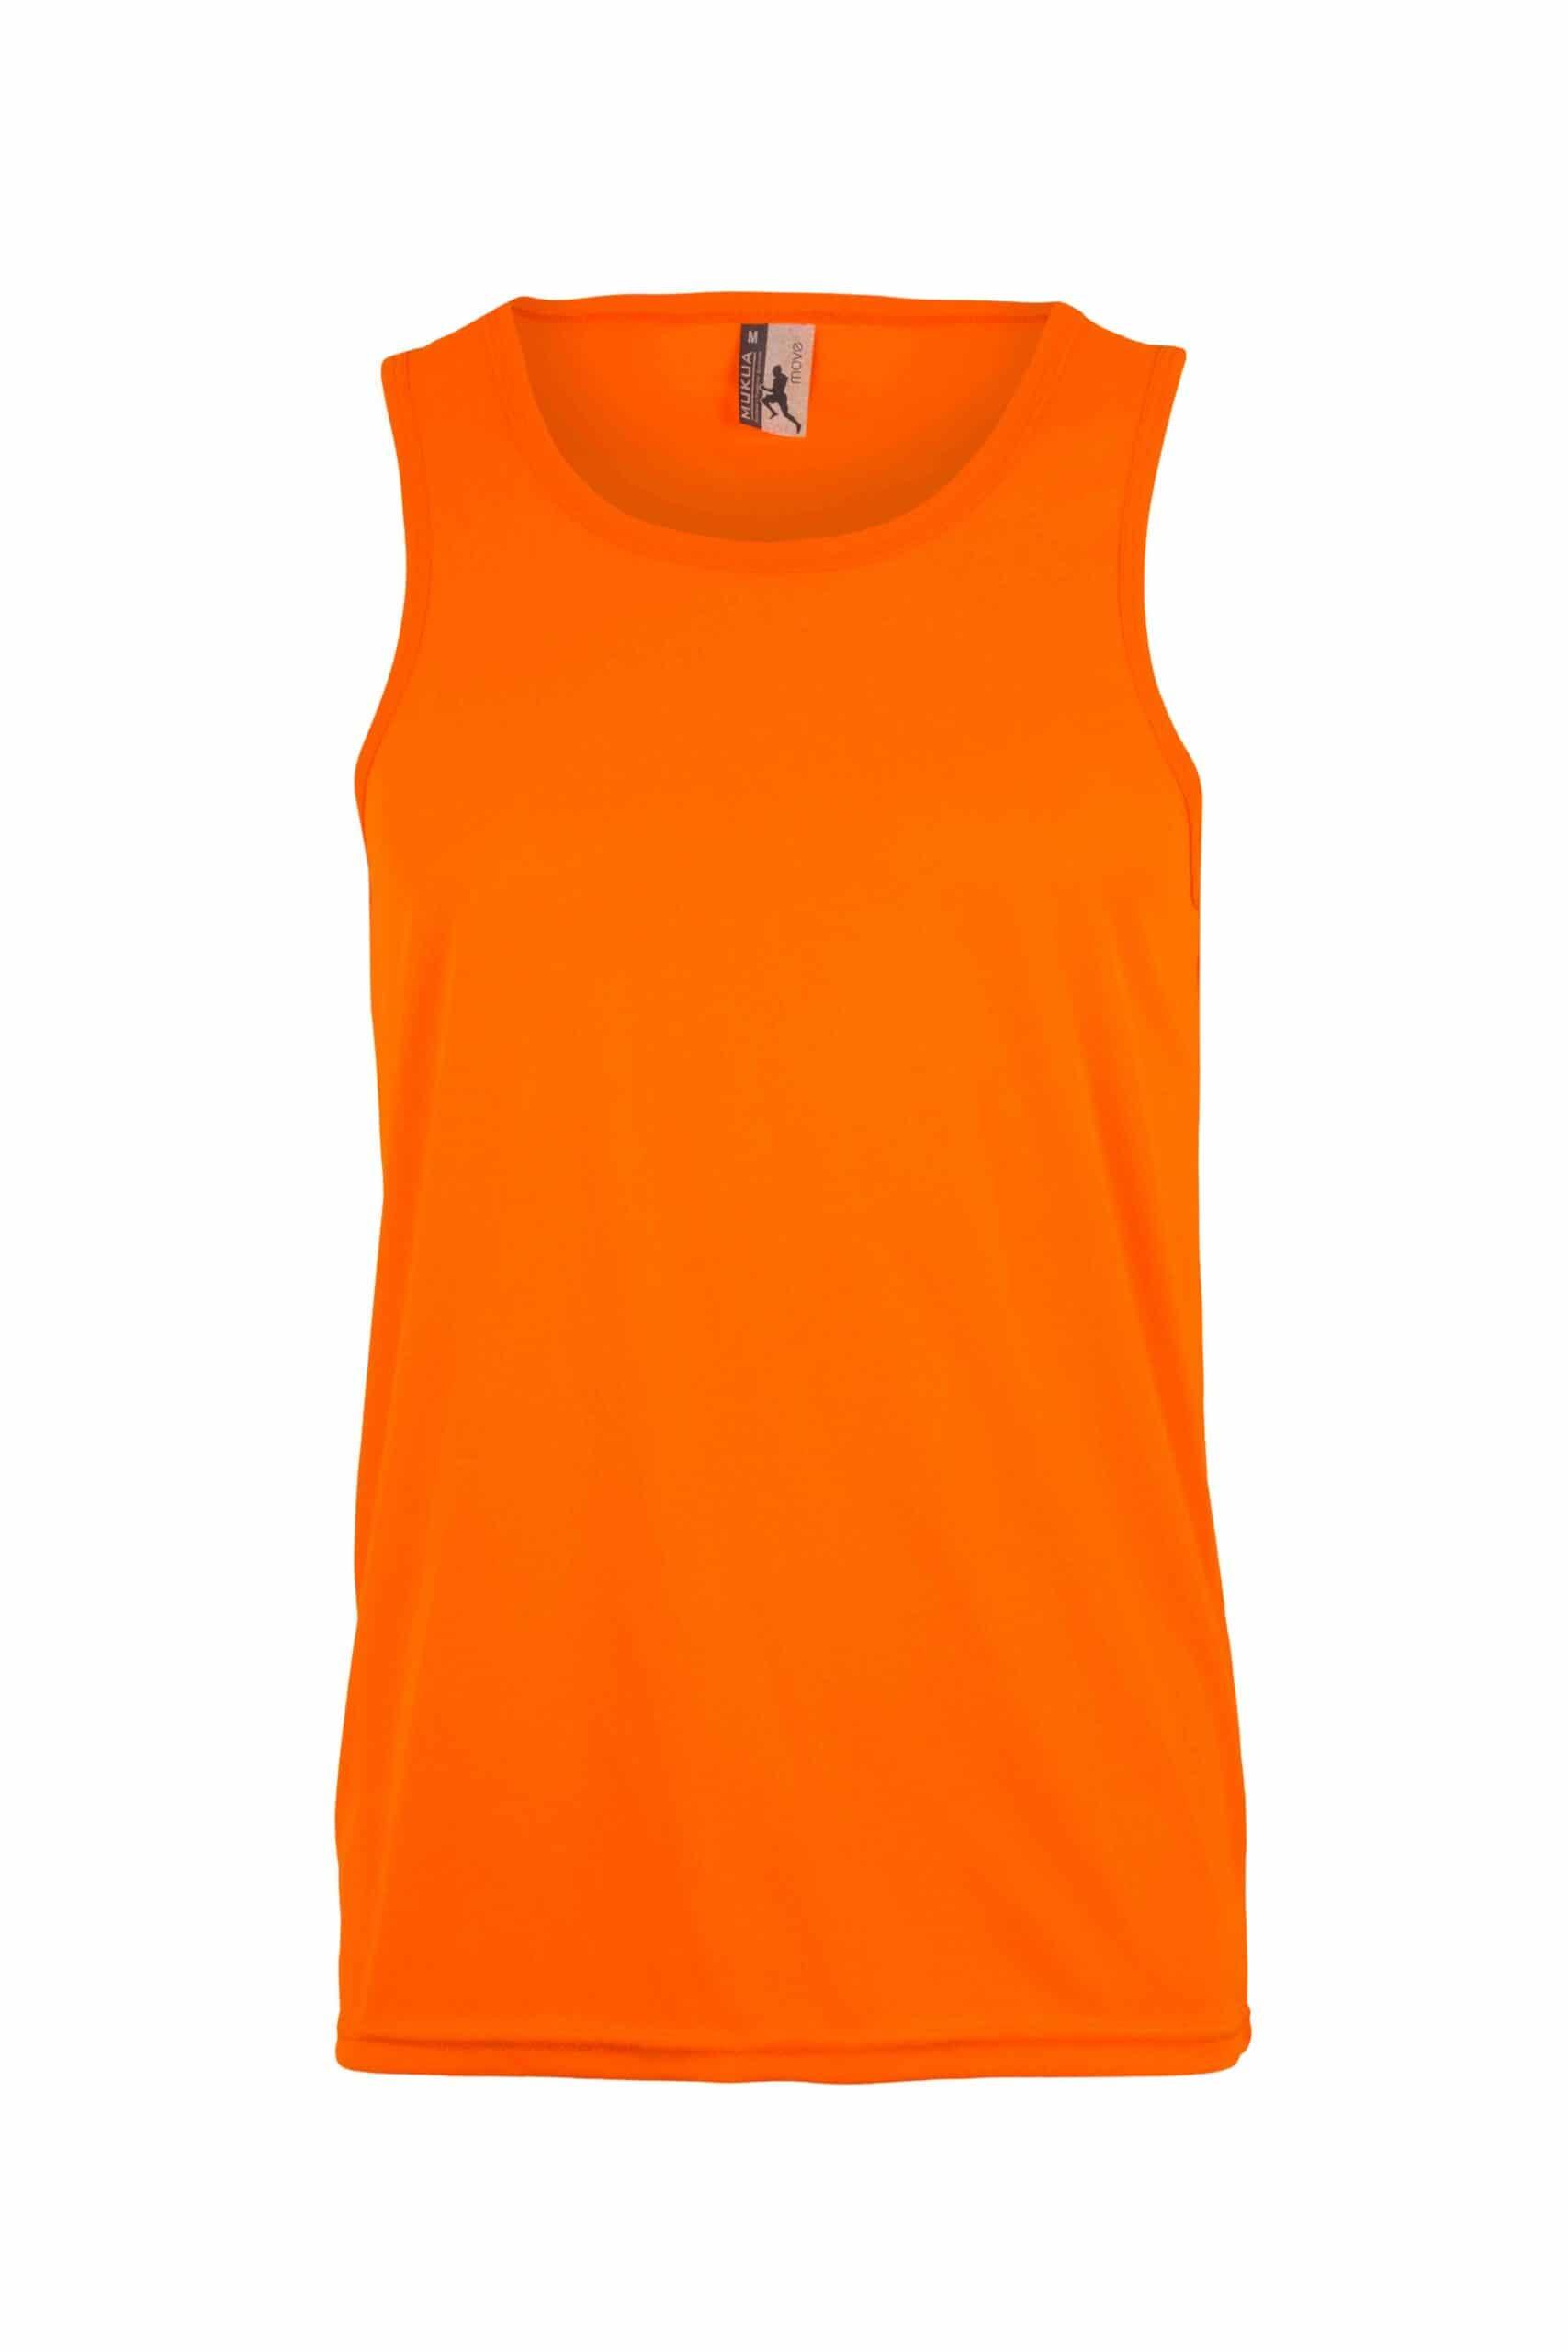 Mukua Mk525v Camiseta TÉcnica Tirantes FlÚor Orange